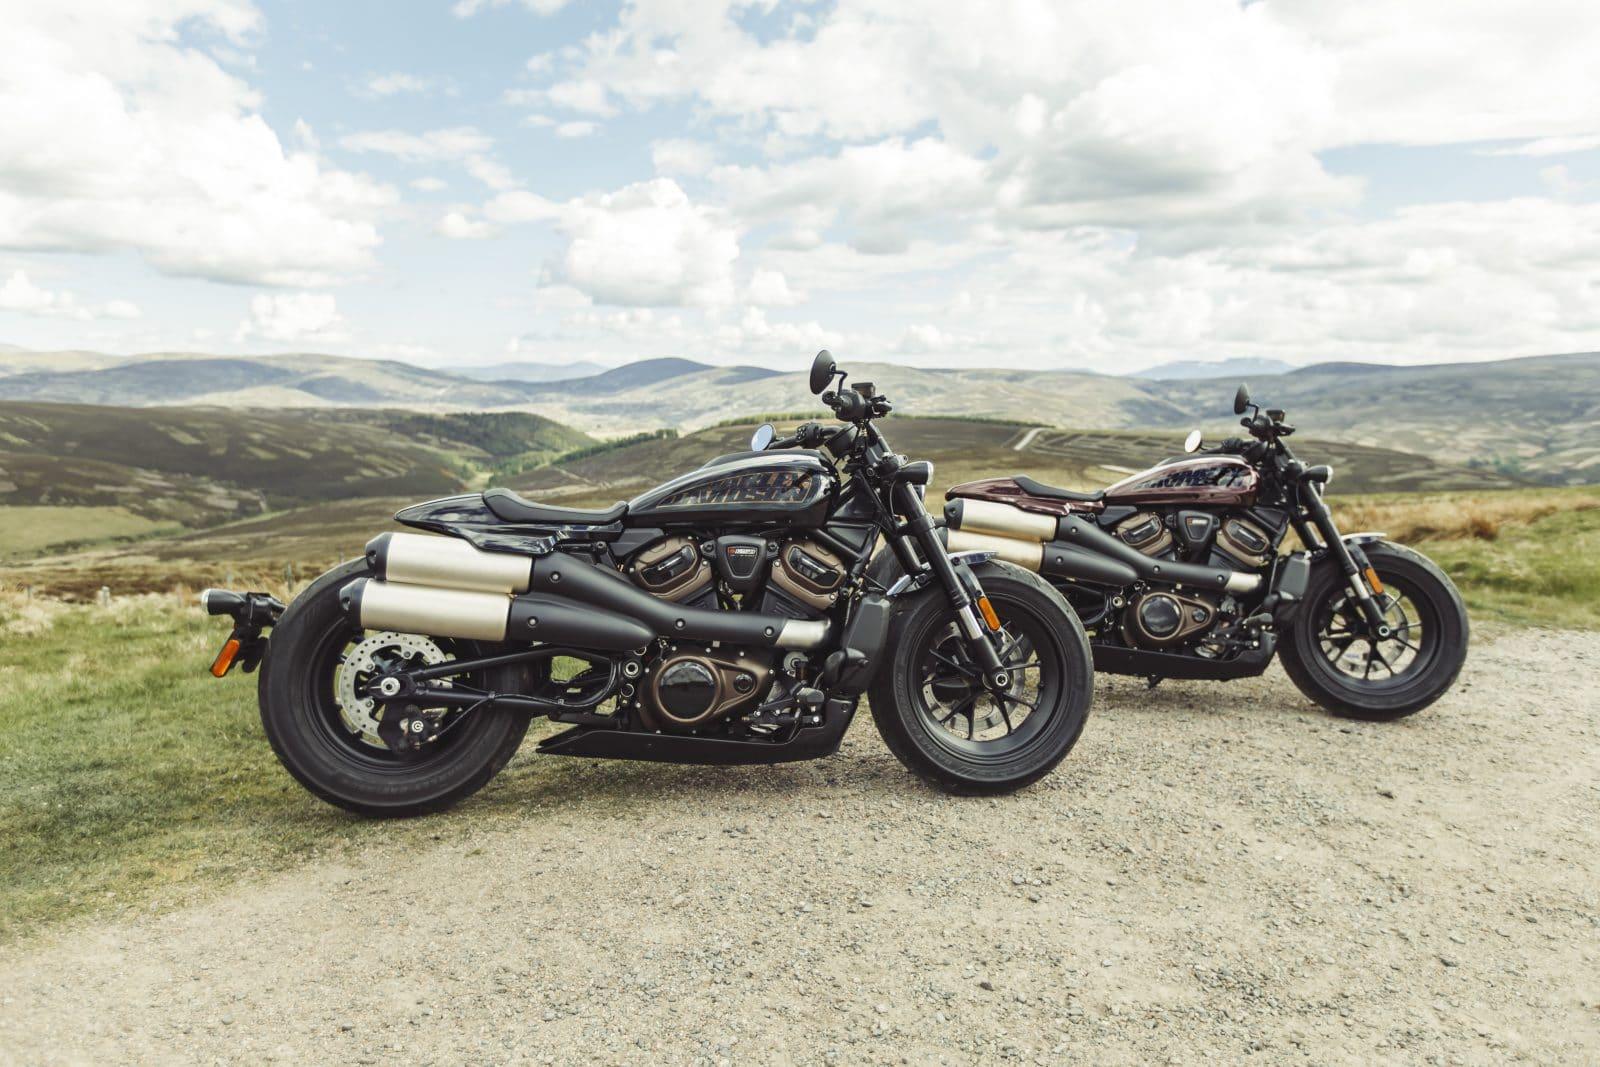 Harley Davidson presenteert de 2021 Sportster S